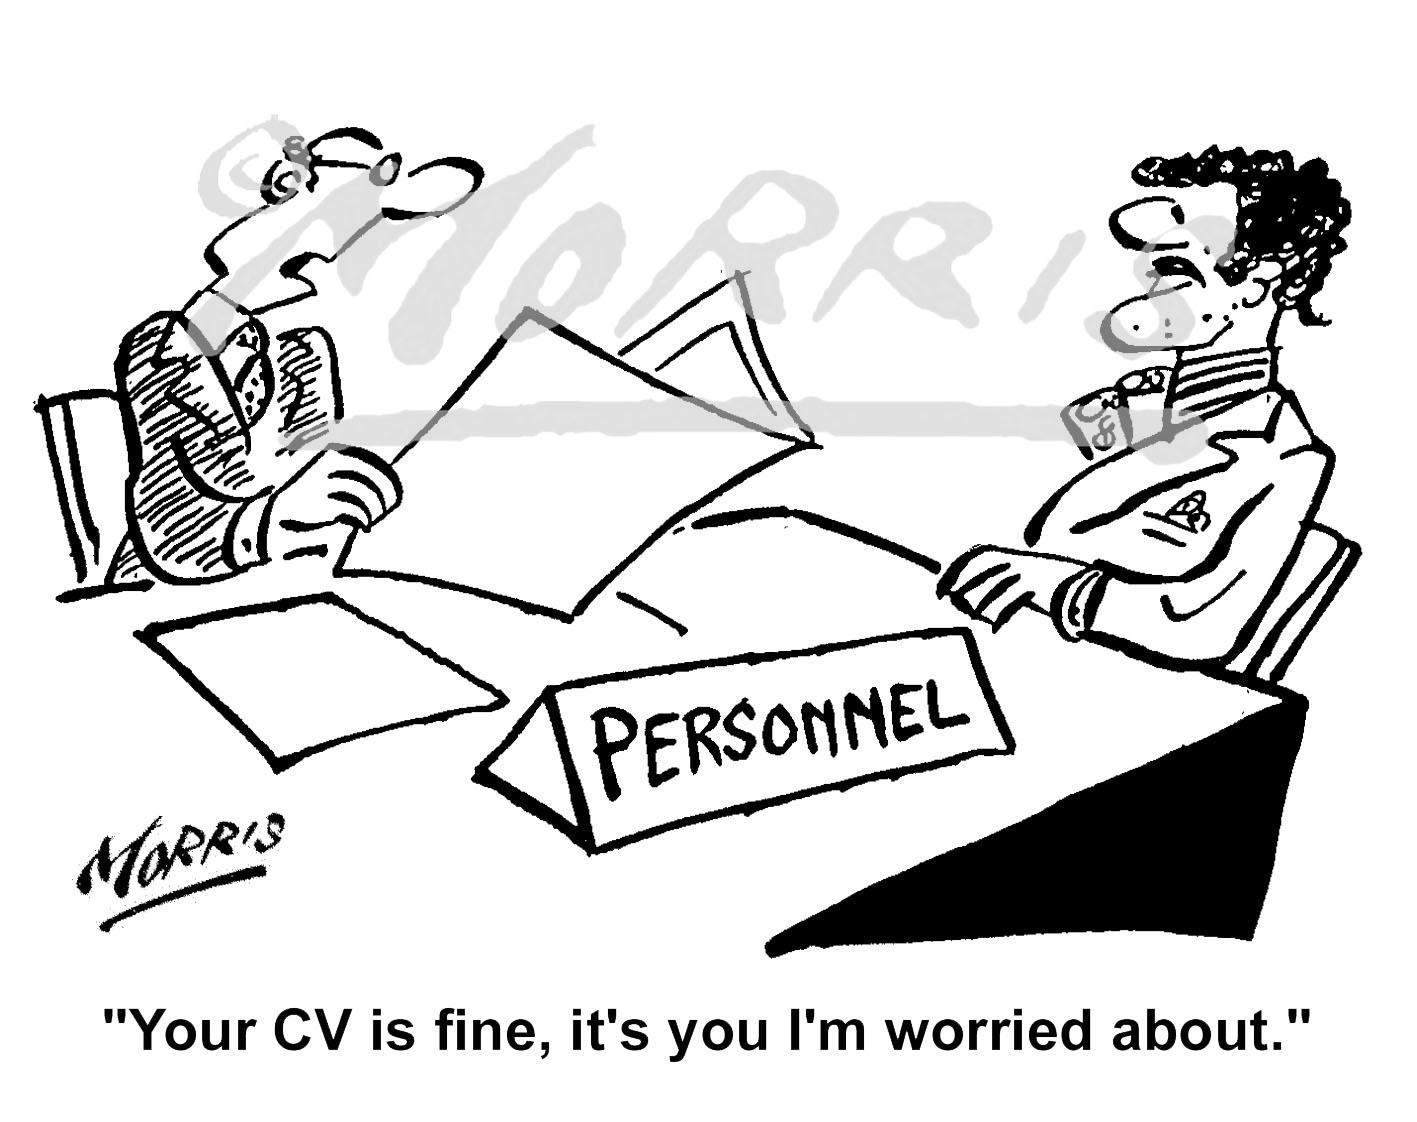 Personnel Manager job CV interview cartoon